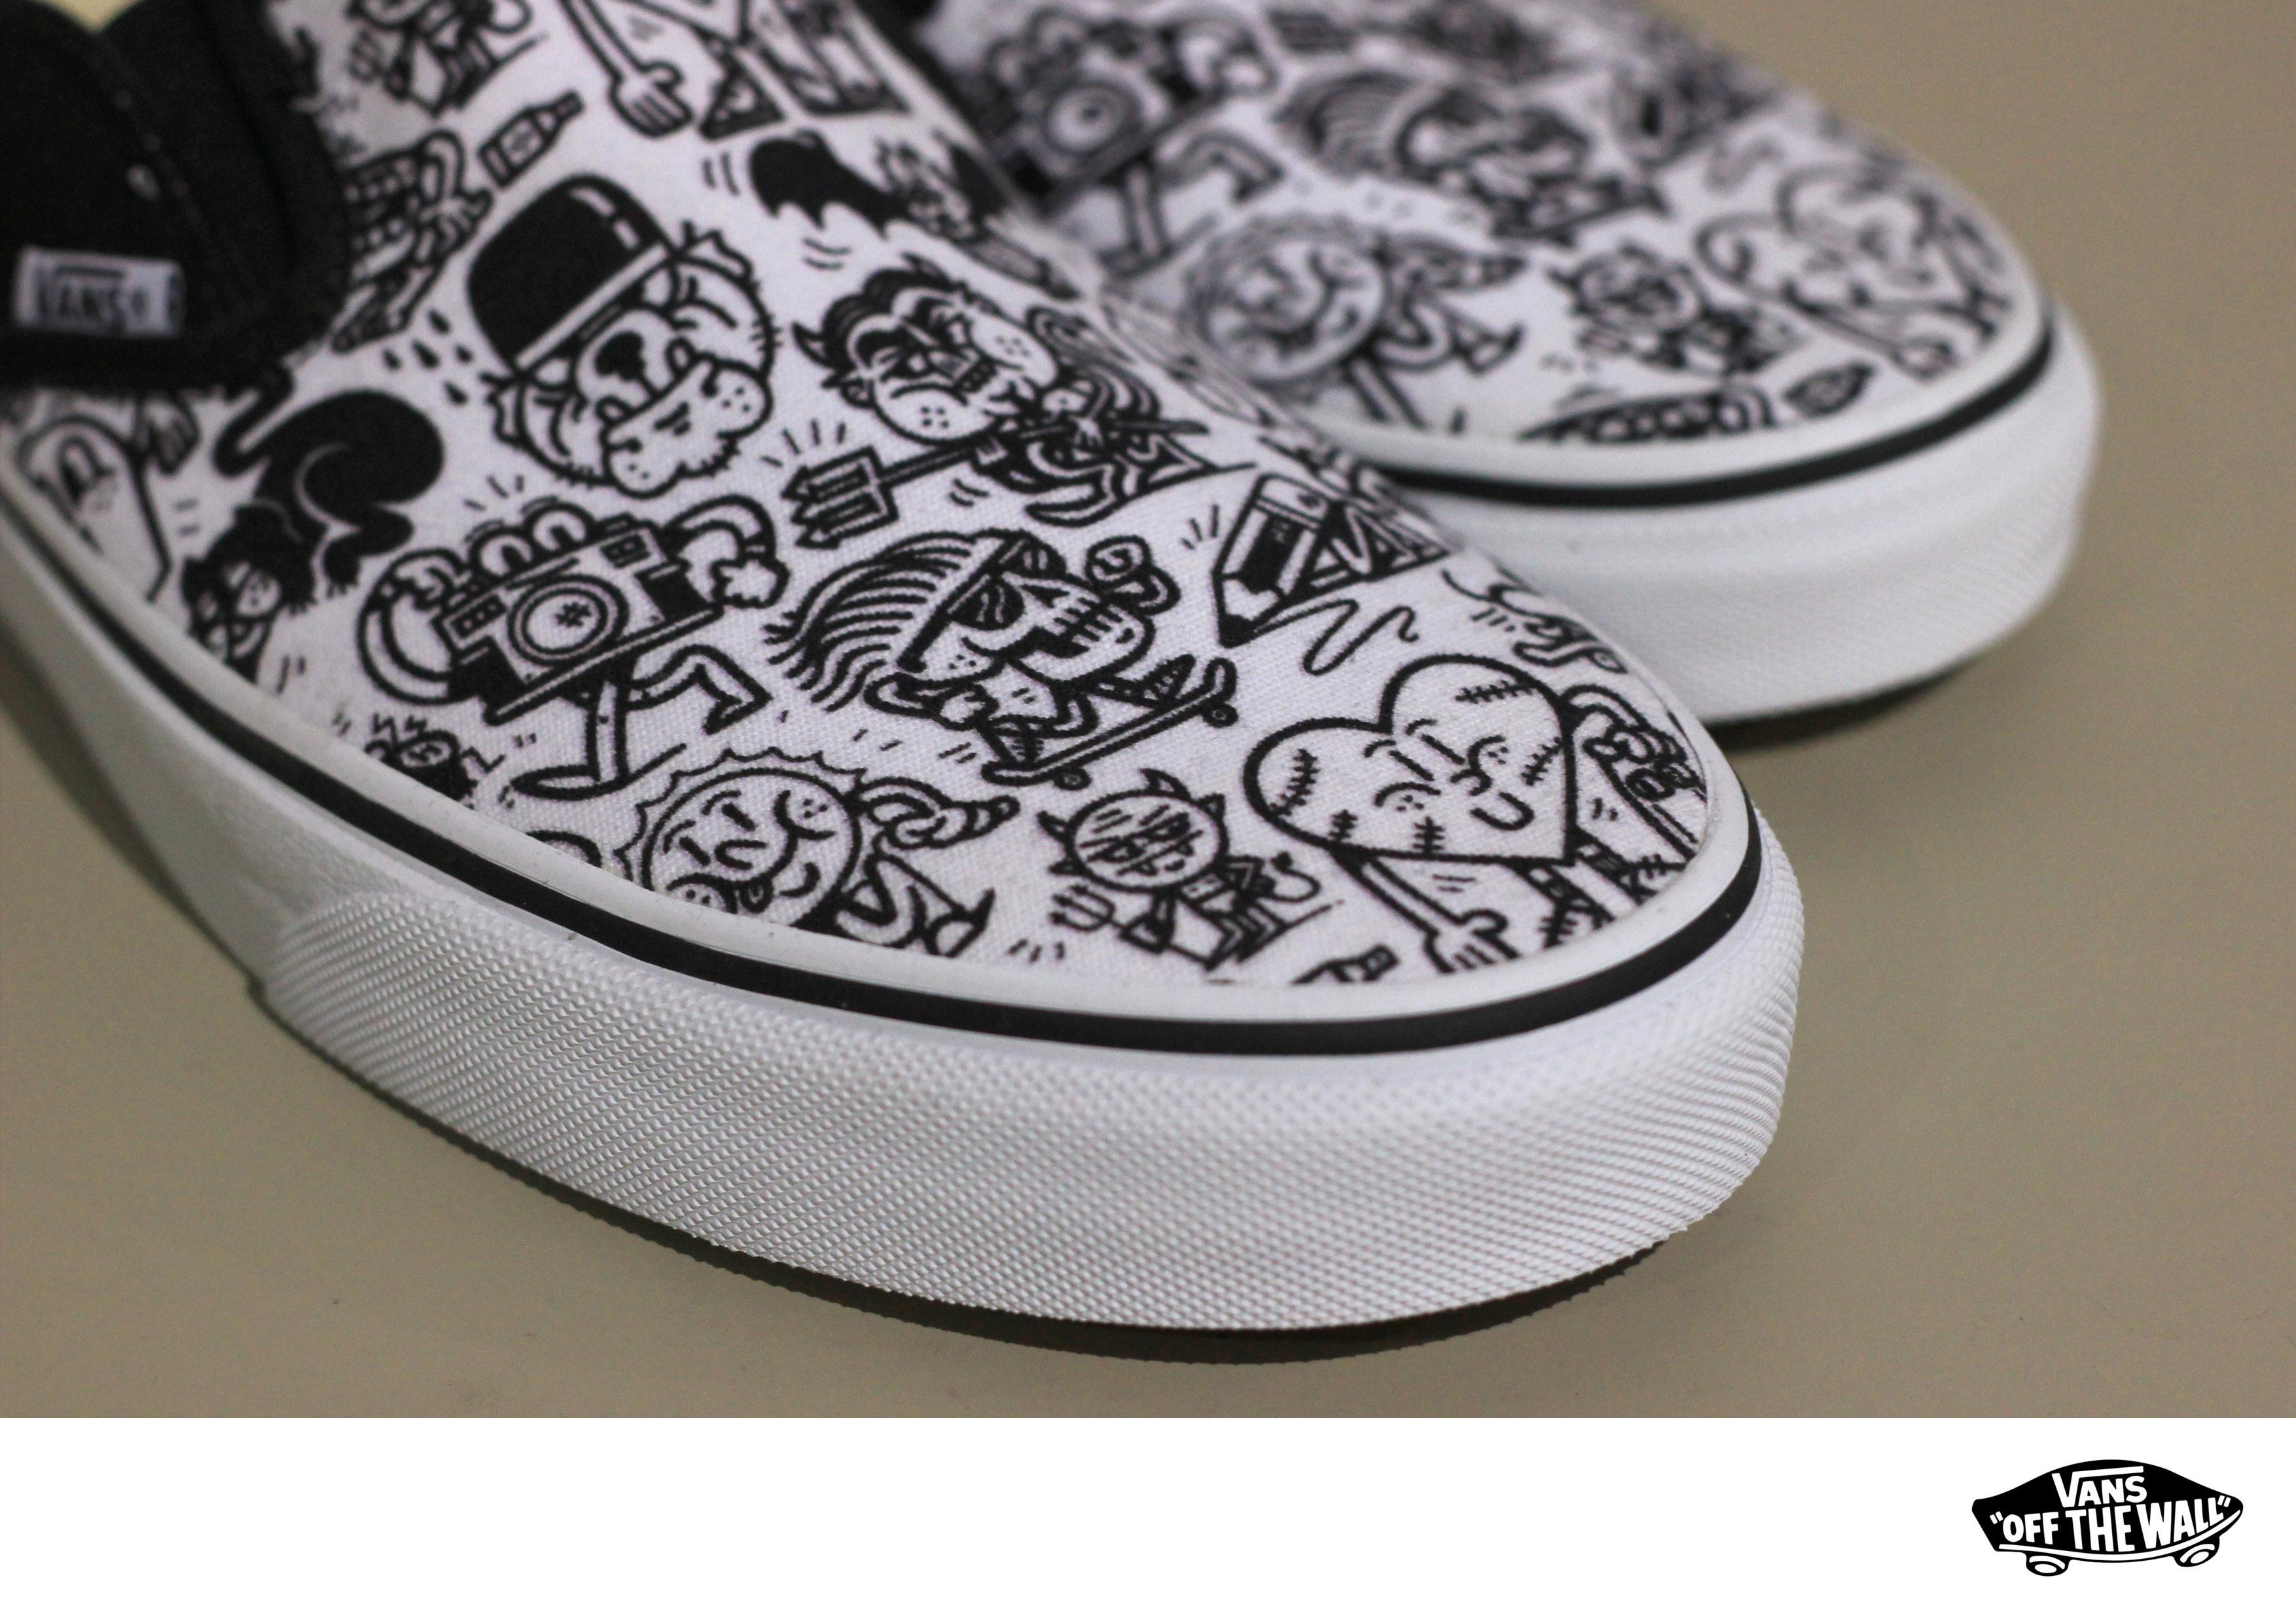 29743ff2bfaa89 VANS shoe design. on Behance